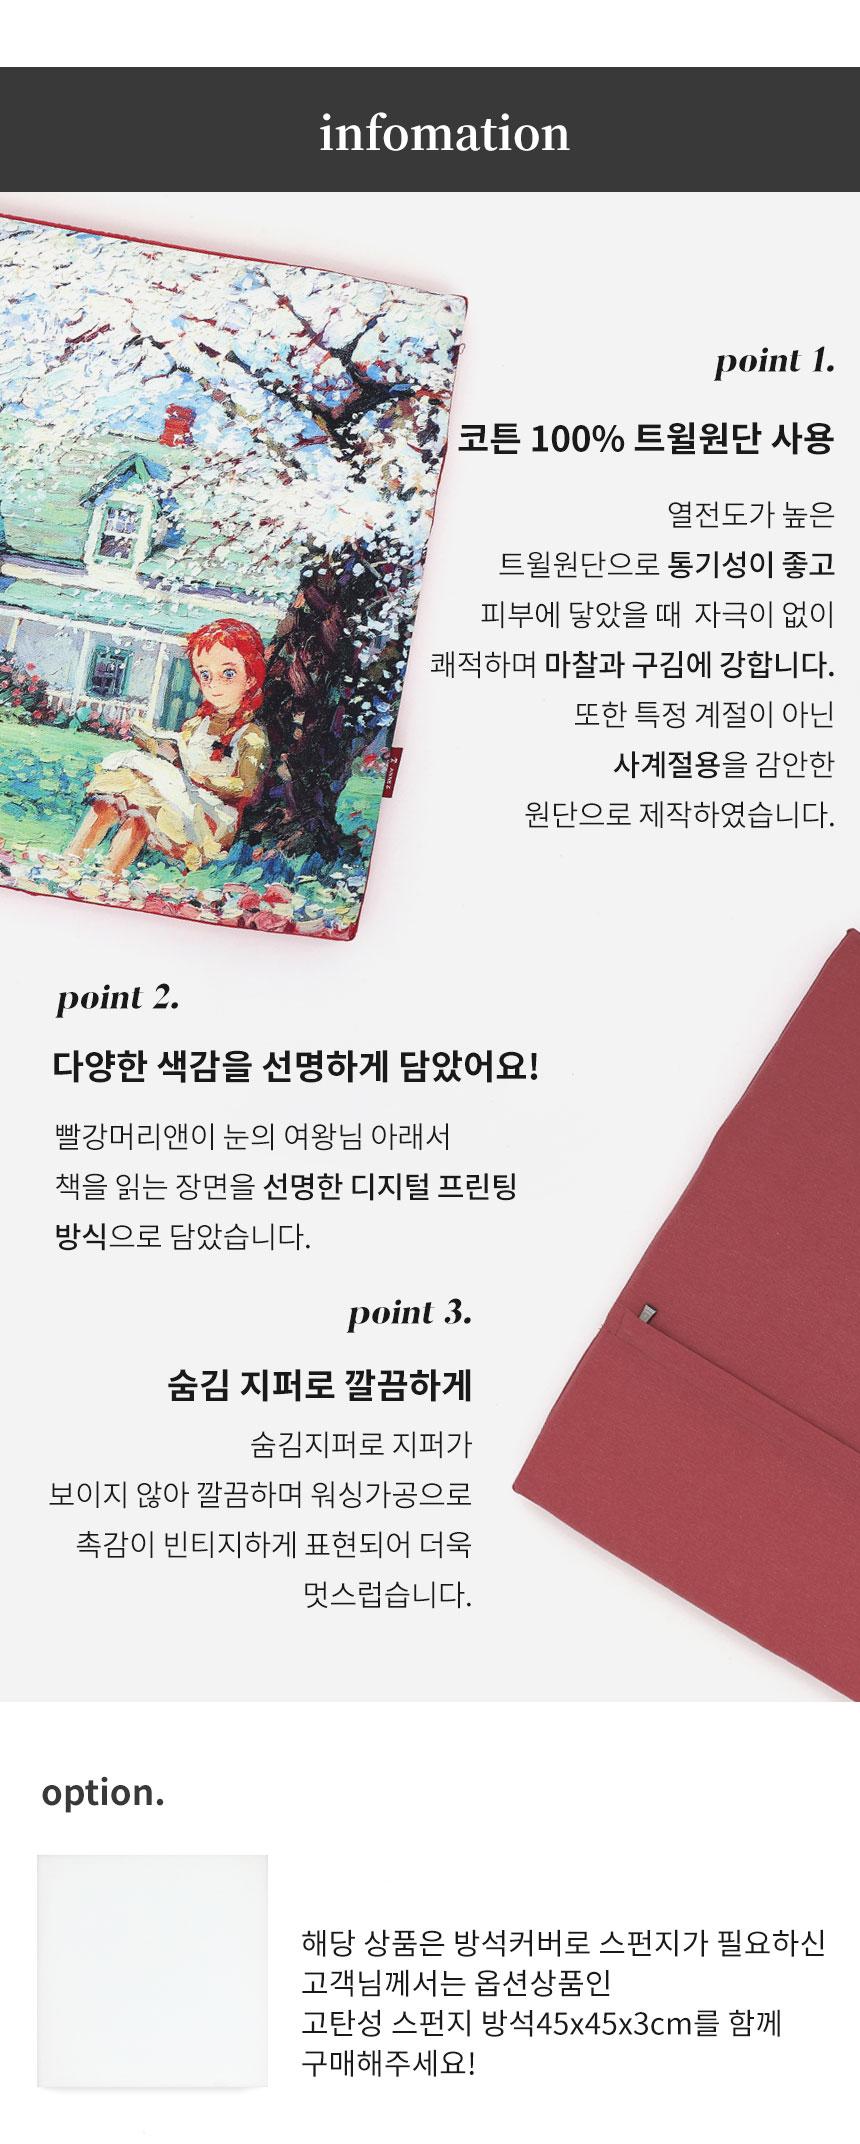 빨강머리앤 명화 방석커버 45x45x3cm 레드 - 앤즈, 27,500원, 방석커버, 방석커버